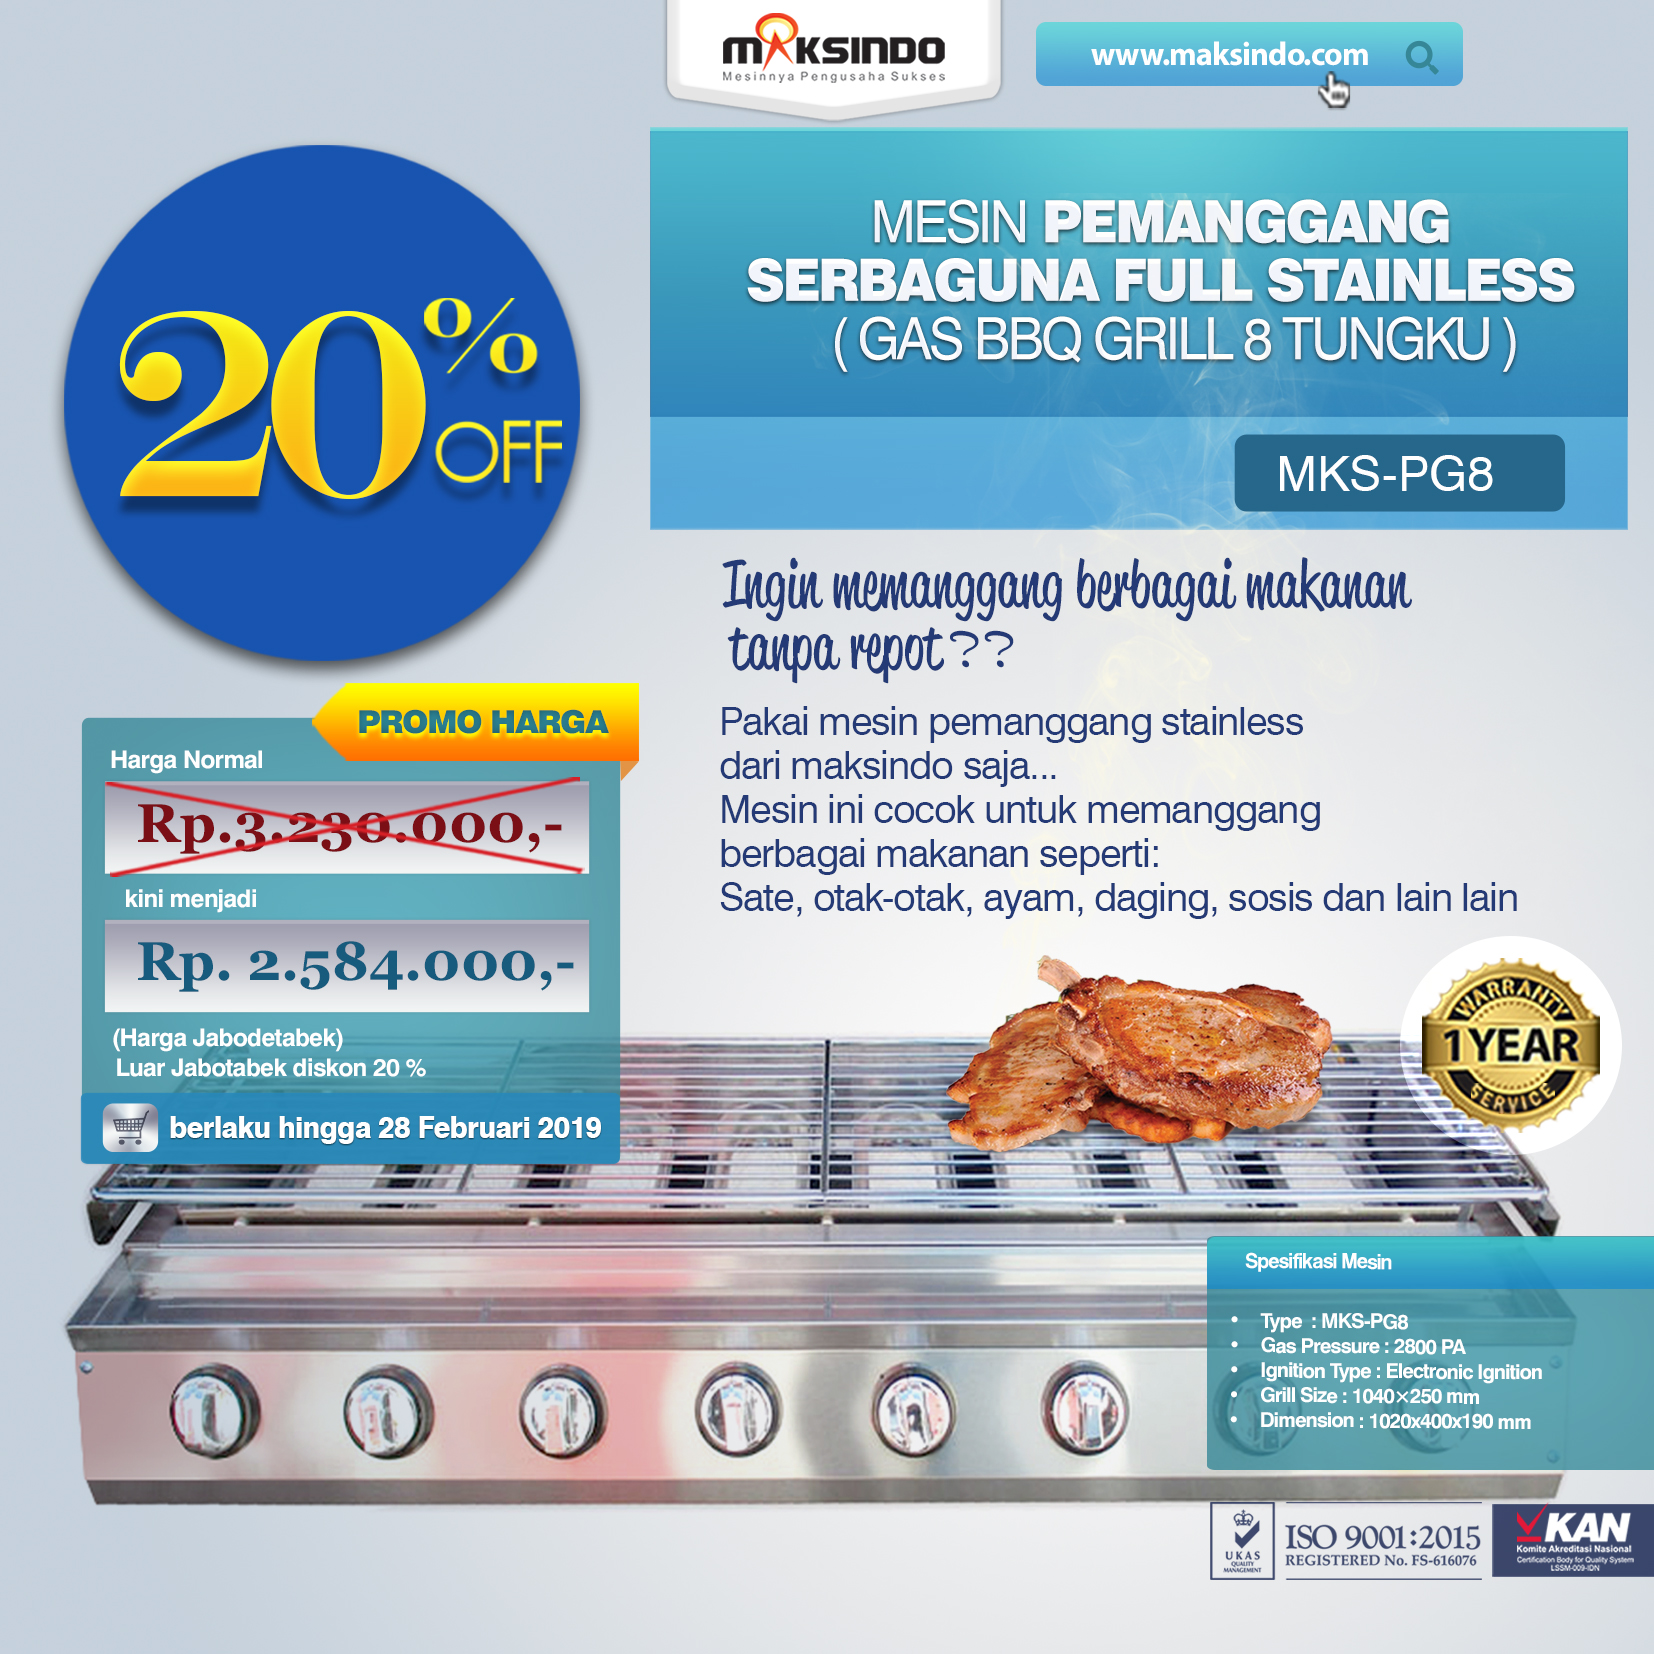 MKS-PG8 Pemanggang Serbaguna Gas BBQ Grill 8 Tungku